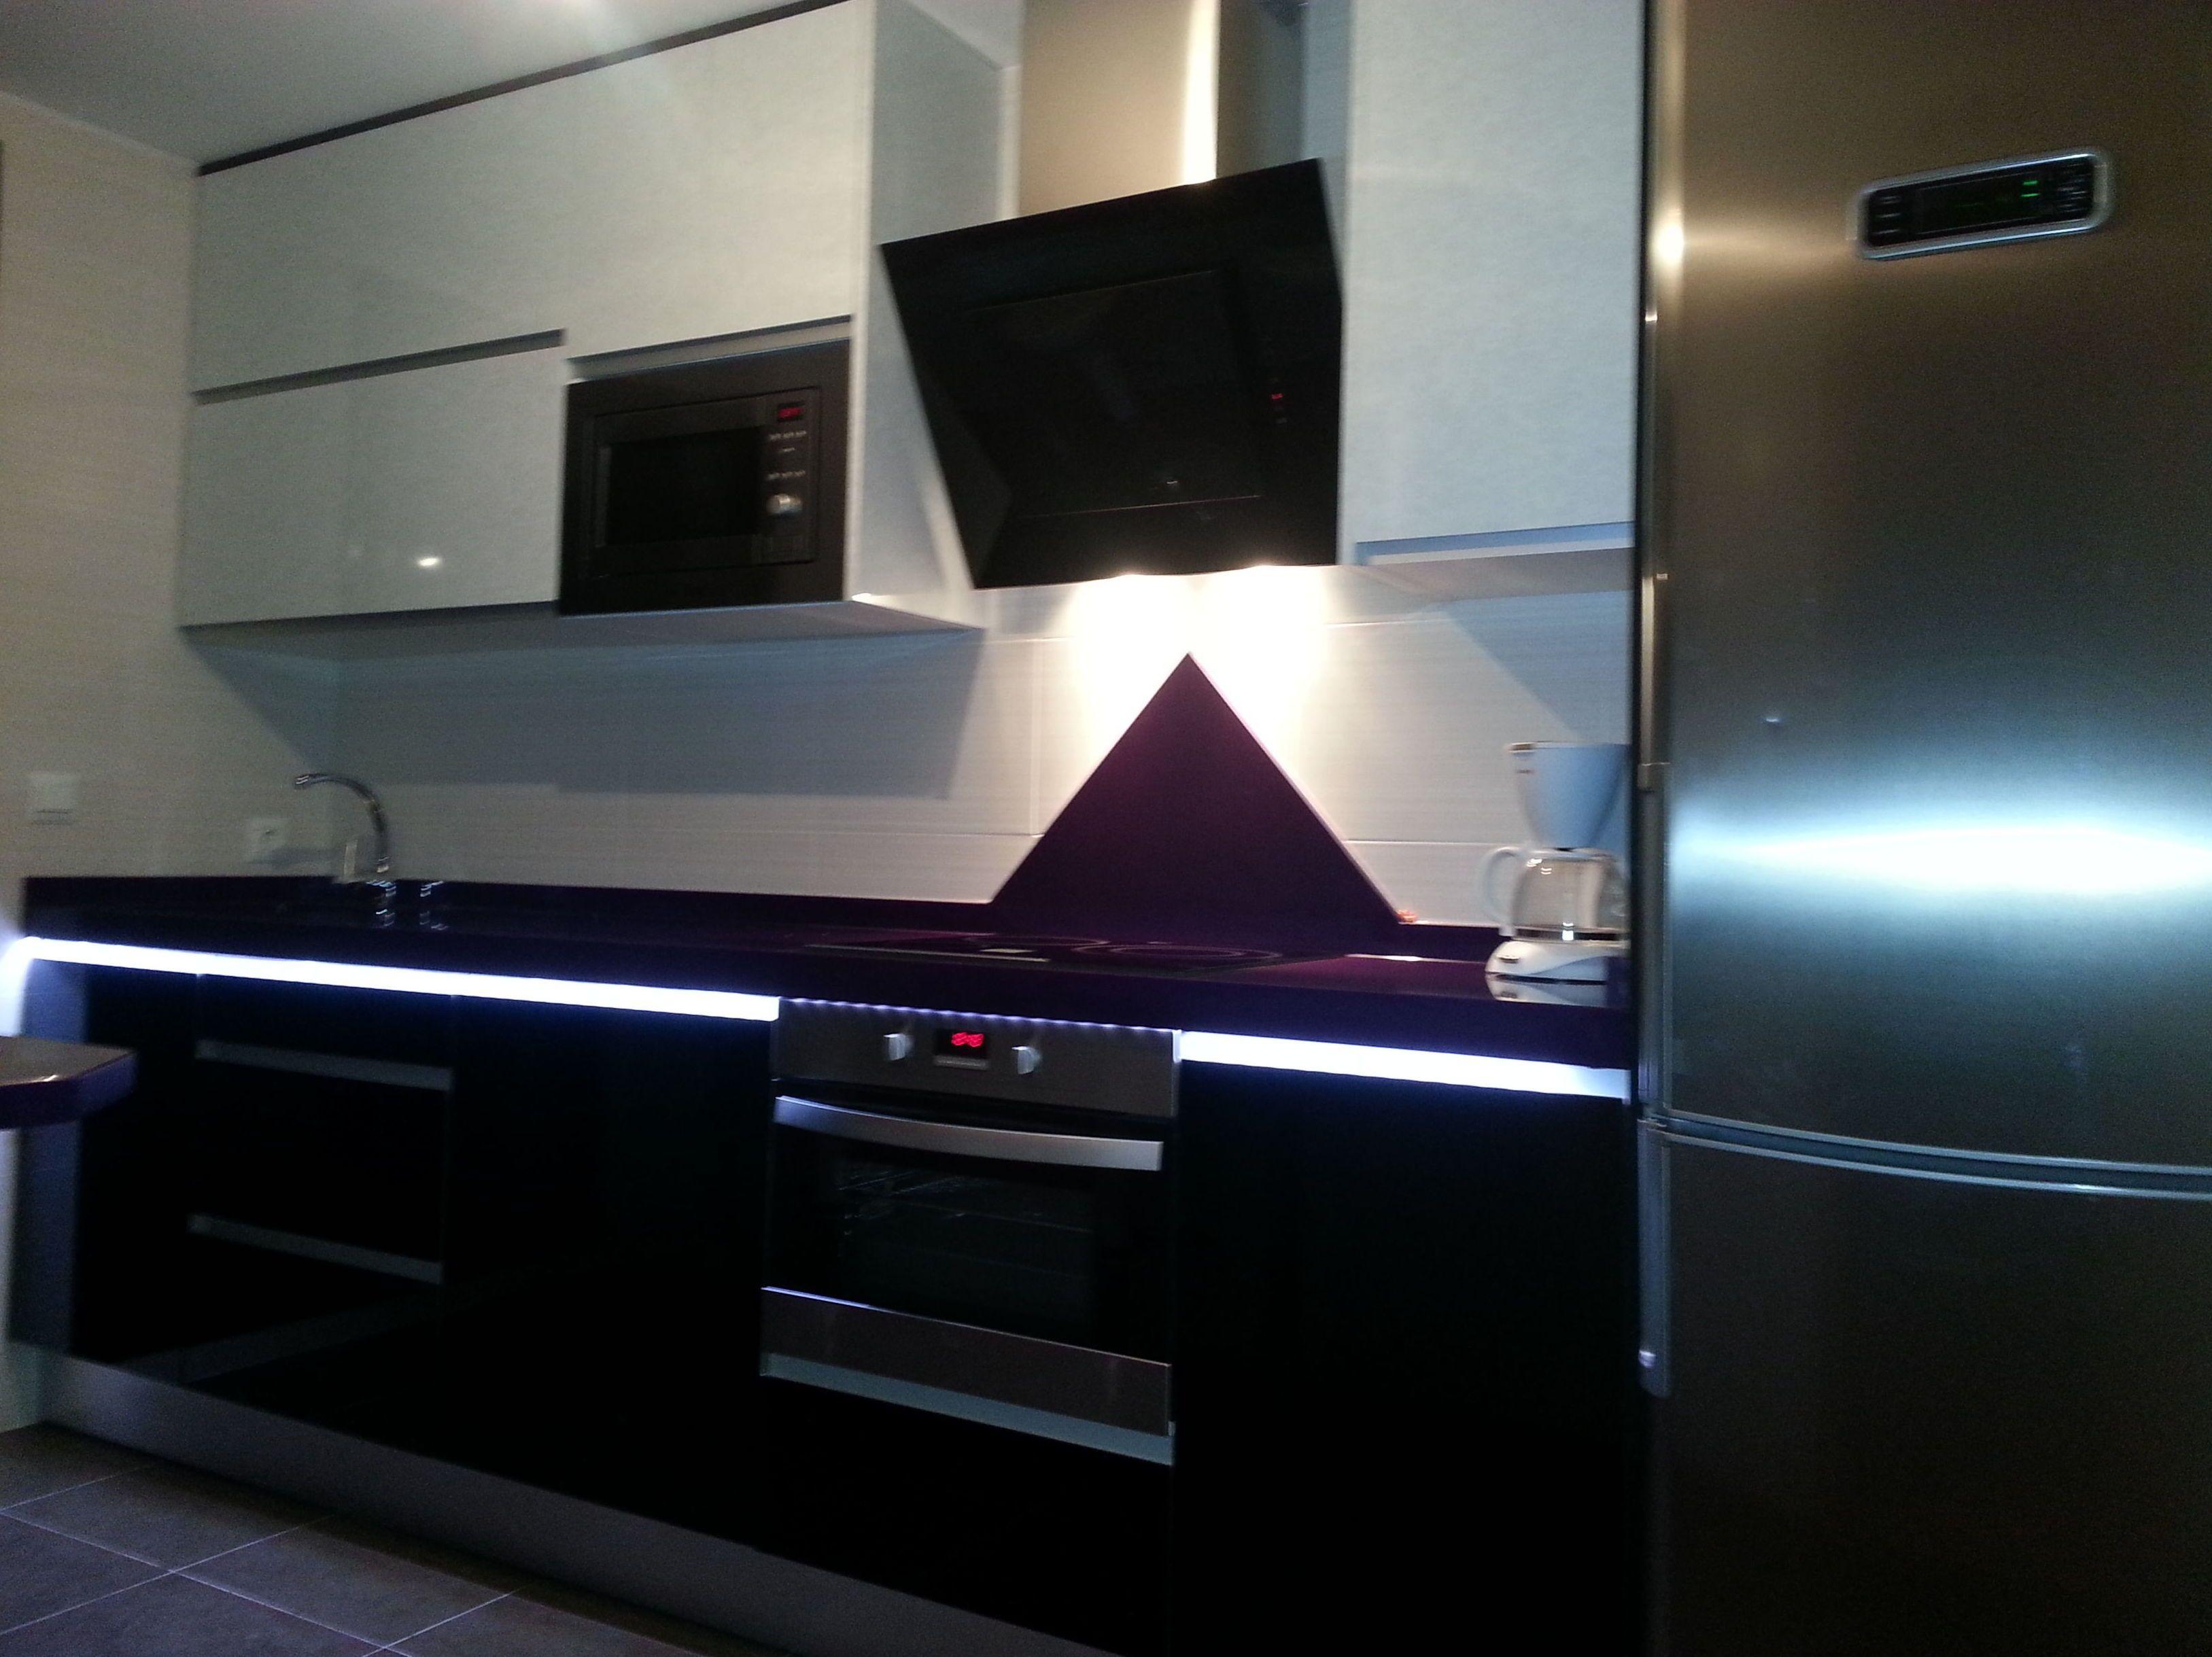 Muebles de cocina baratos madrid en with muebles de for Muebles economicos madrid